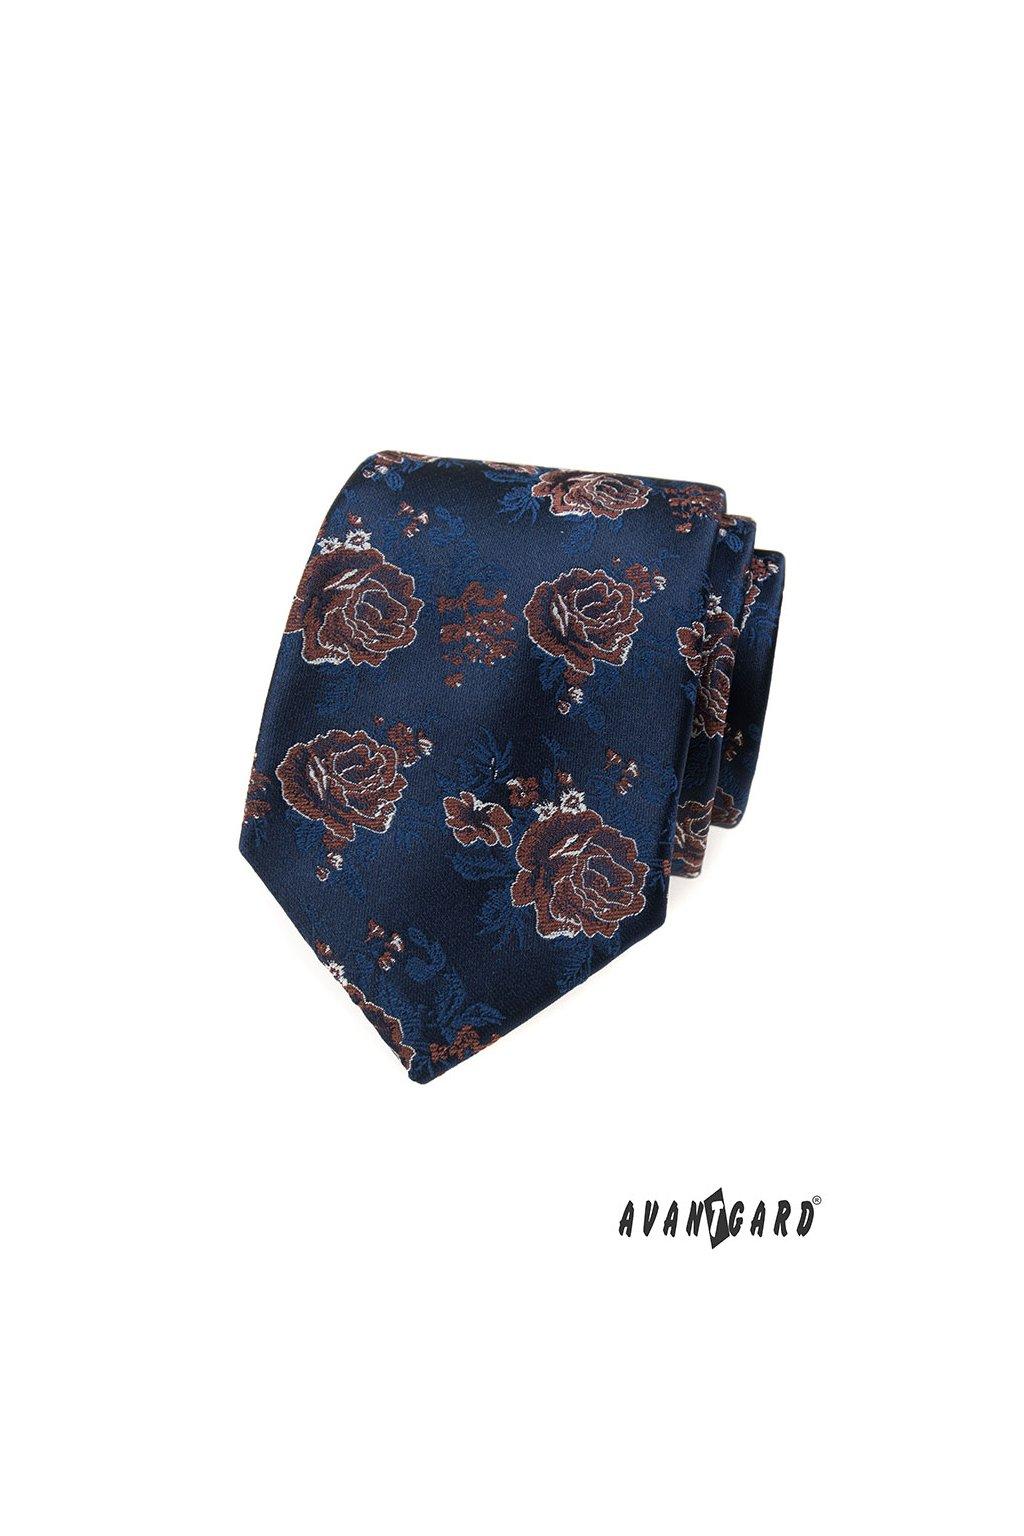 Modrá luxusní kravata s hnědou růží 561 - 62378